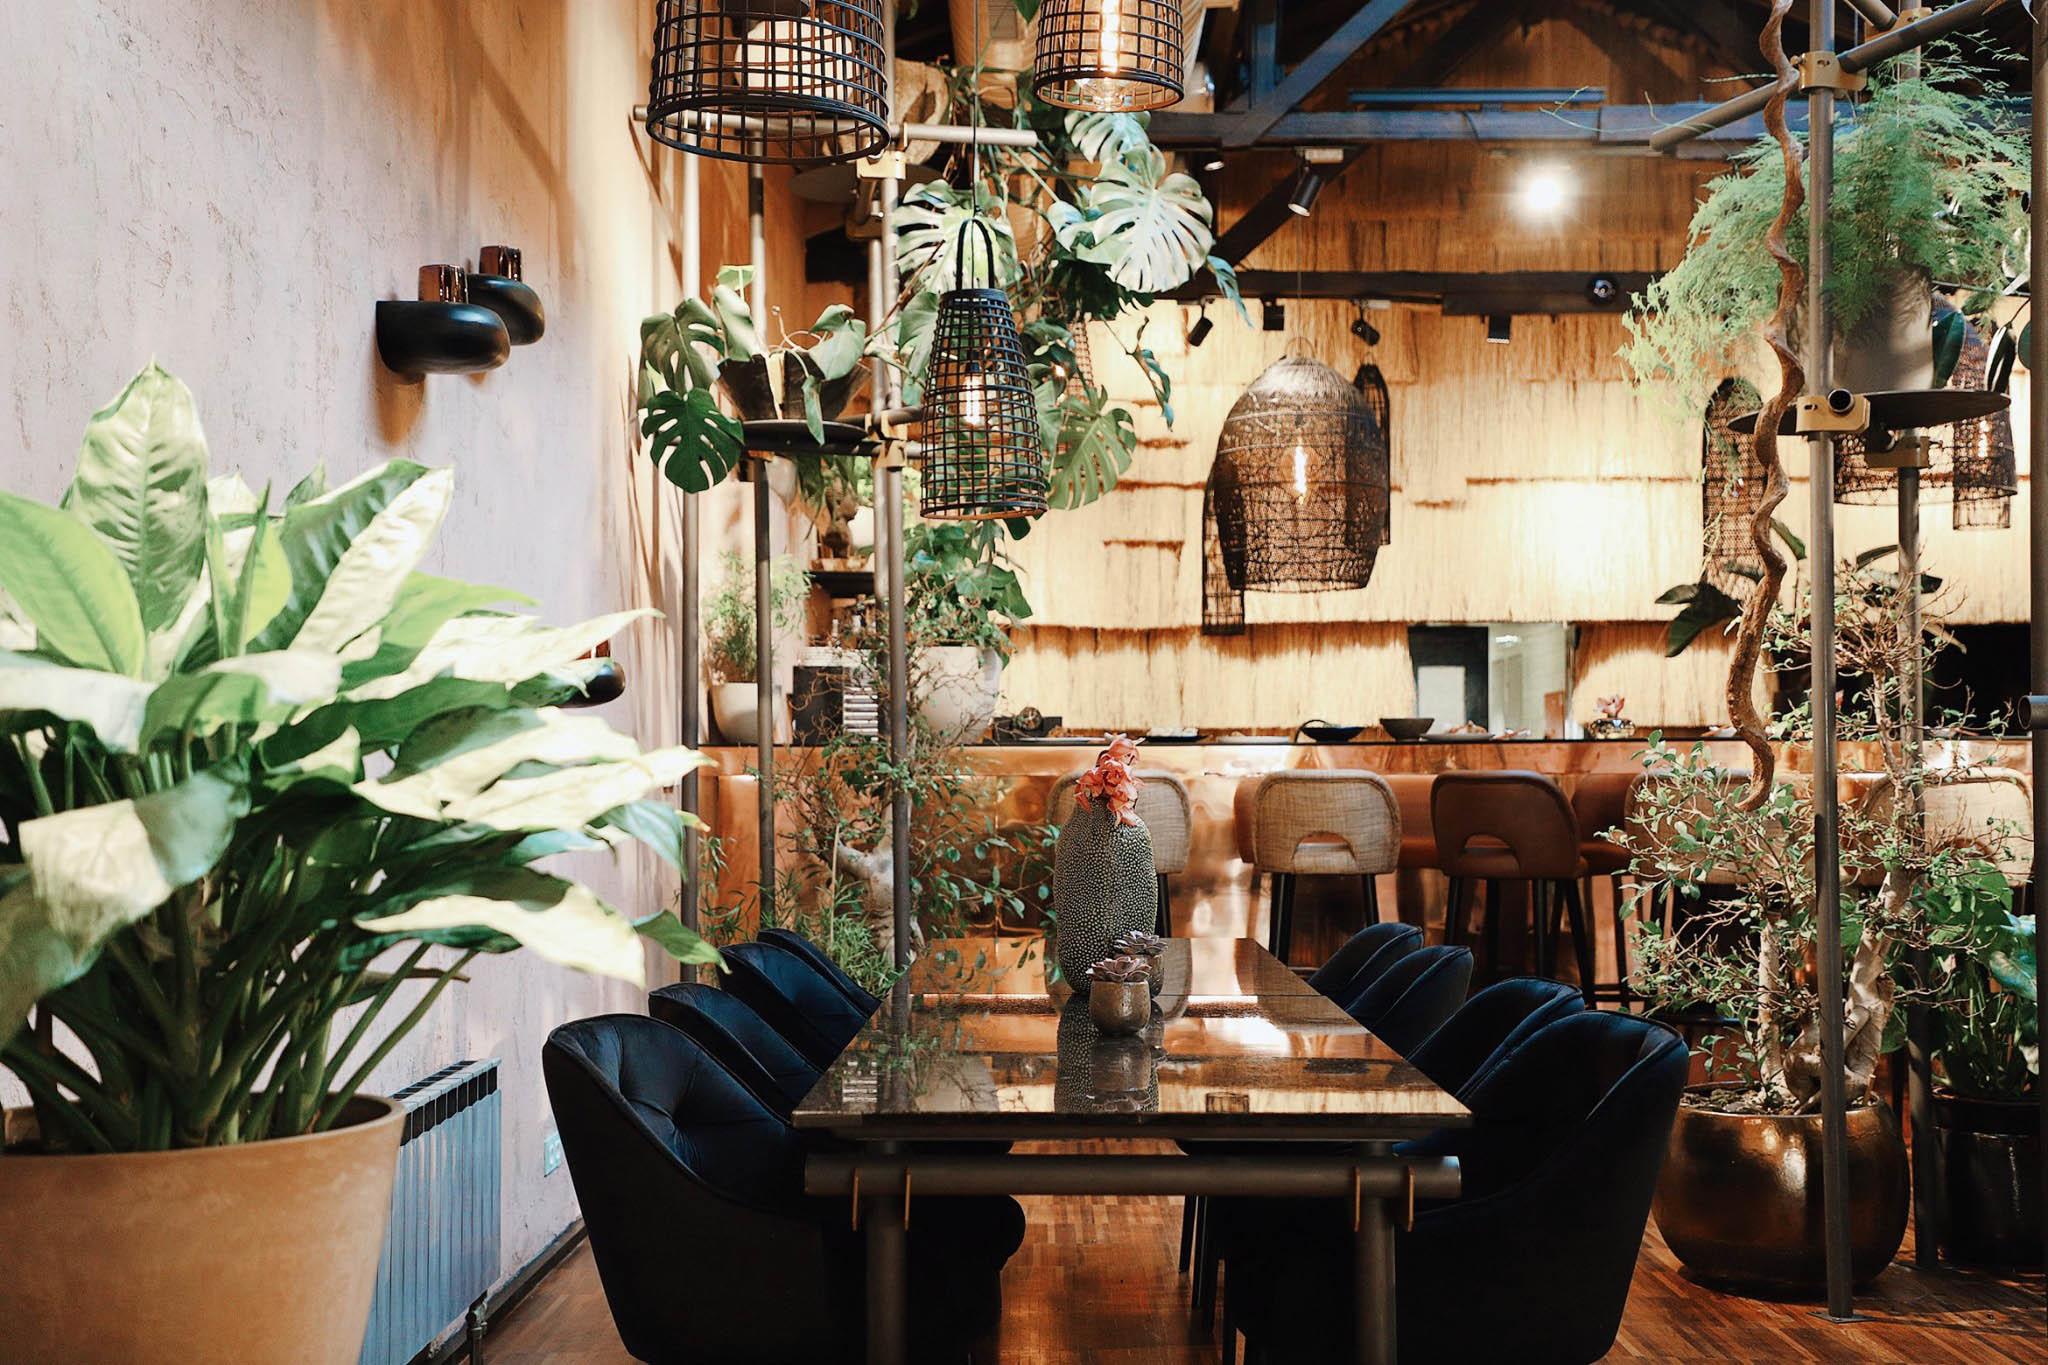 Nový podnik Štěpána Návrata PRU58 klade důraz na respekt k přírodě a to se podepisuje také na interiéru. Zkuste třeba kombinaci spáleného kvašáku, šalotky, sivena, libečku, kokosu a mikrobylinek.